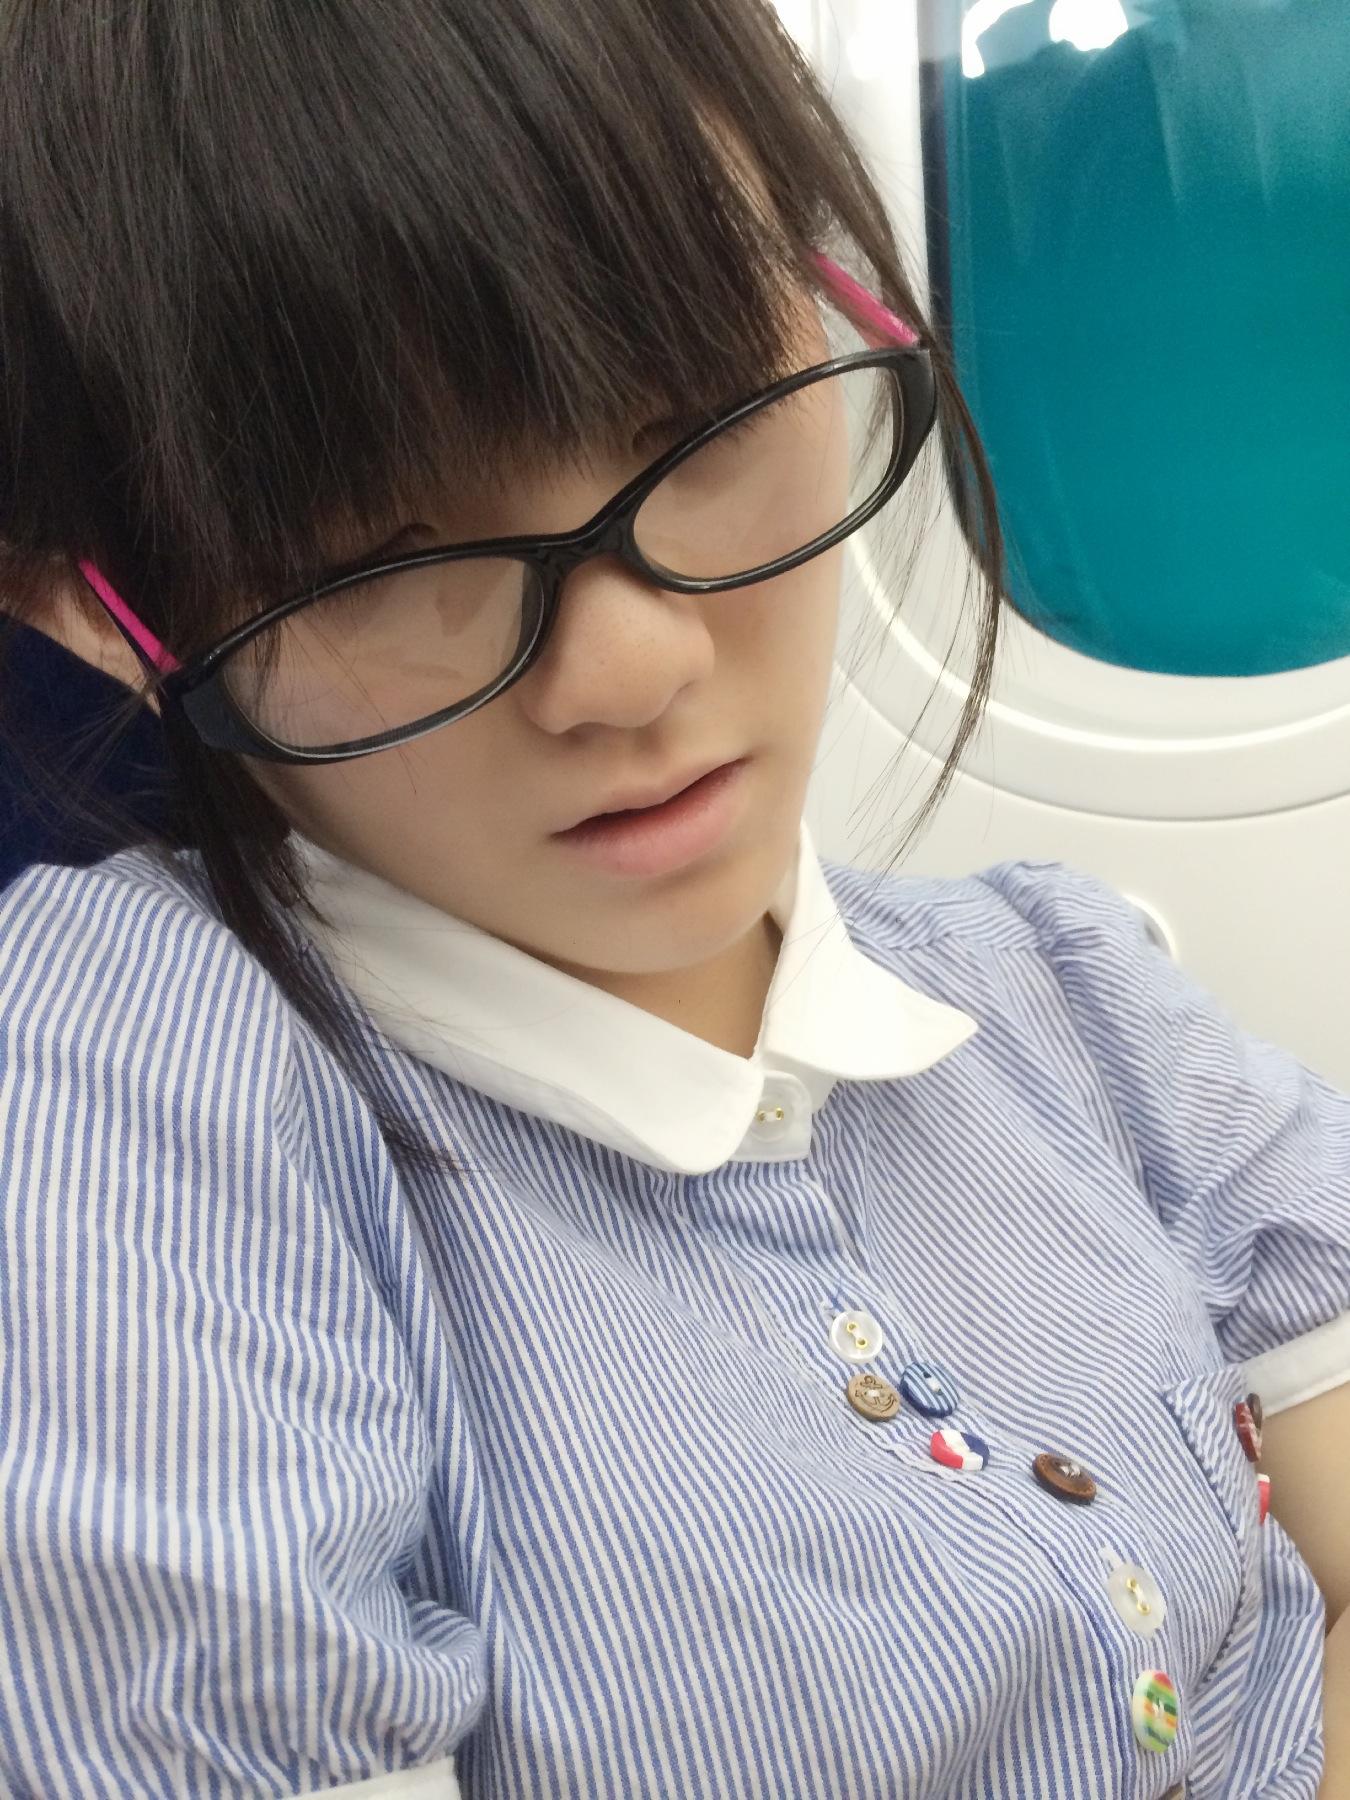 岡田奈々 (AKB48)の画像 p1_39